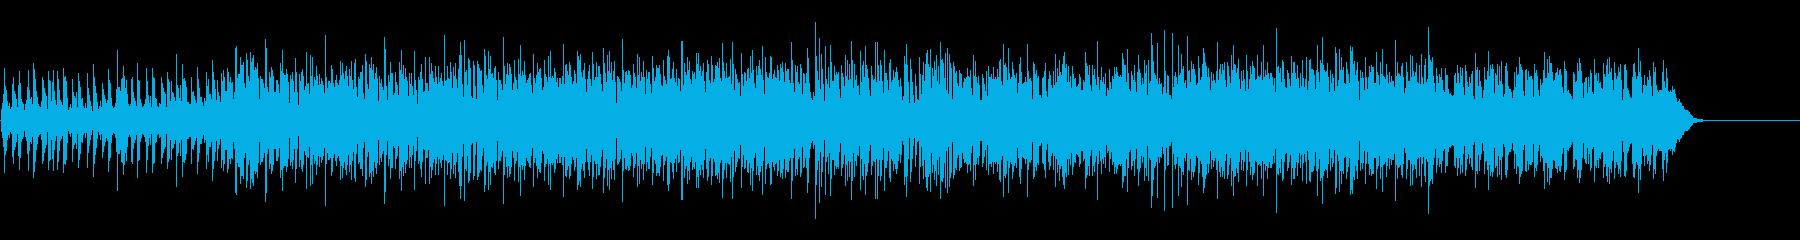 スタイリッシュなマイナー・ハウス/テクノの再生済みの波形